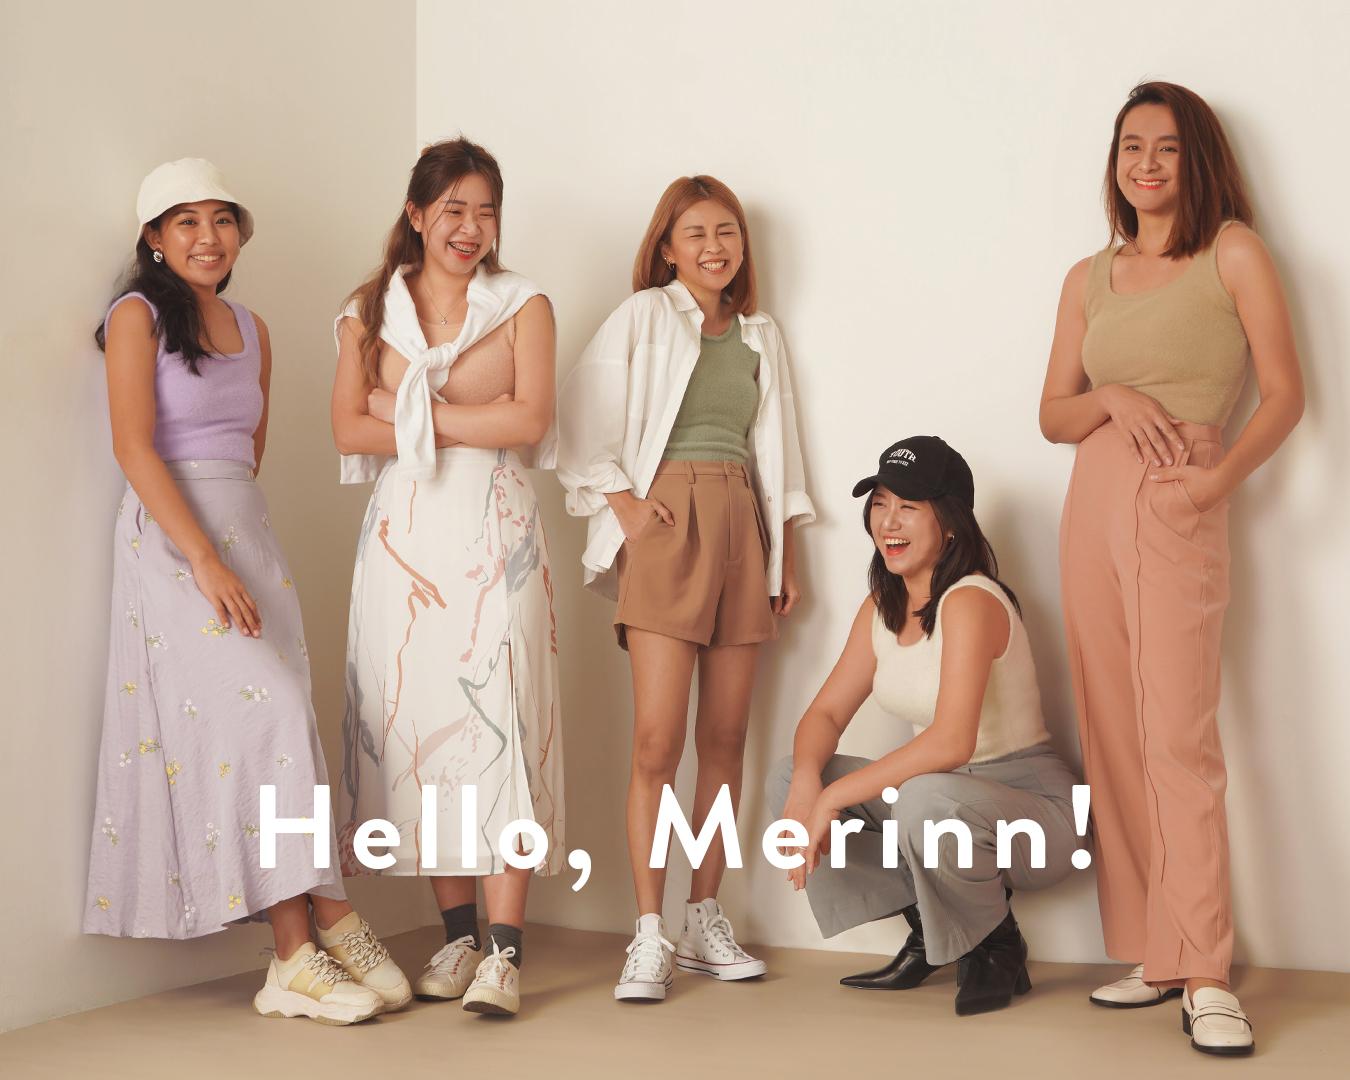 Hello, Merinn!